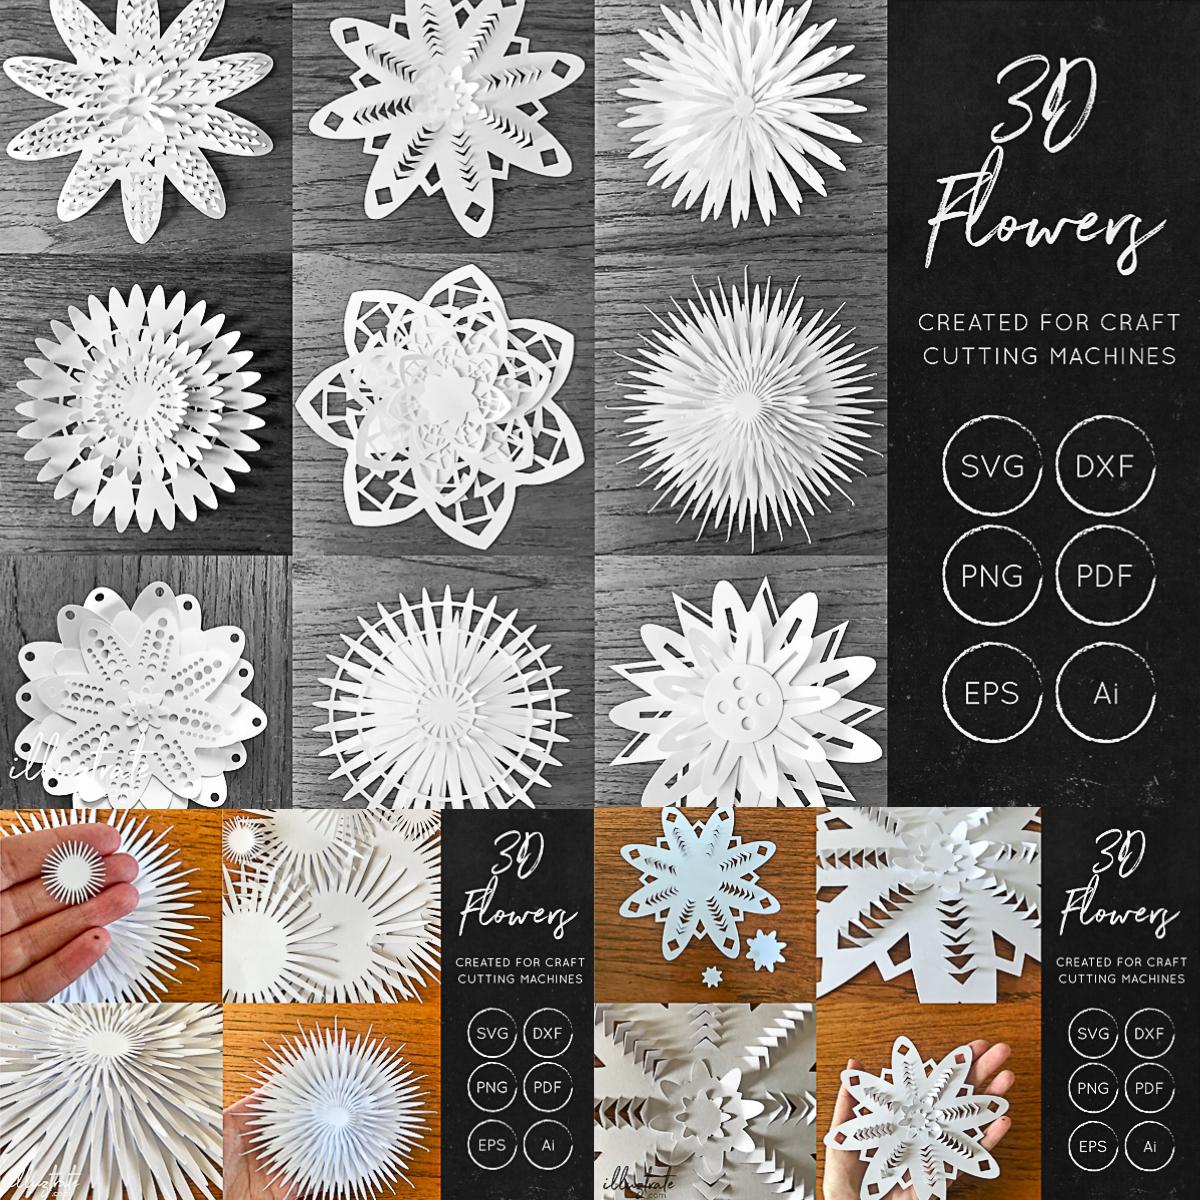 3D Flower SVG Cut Files